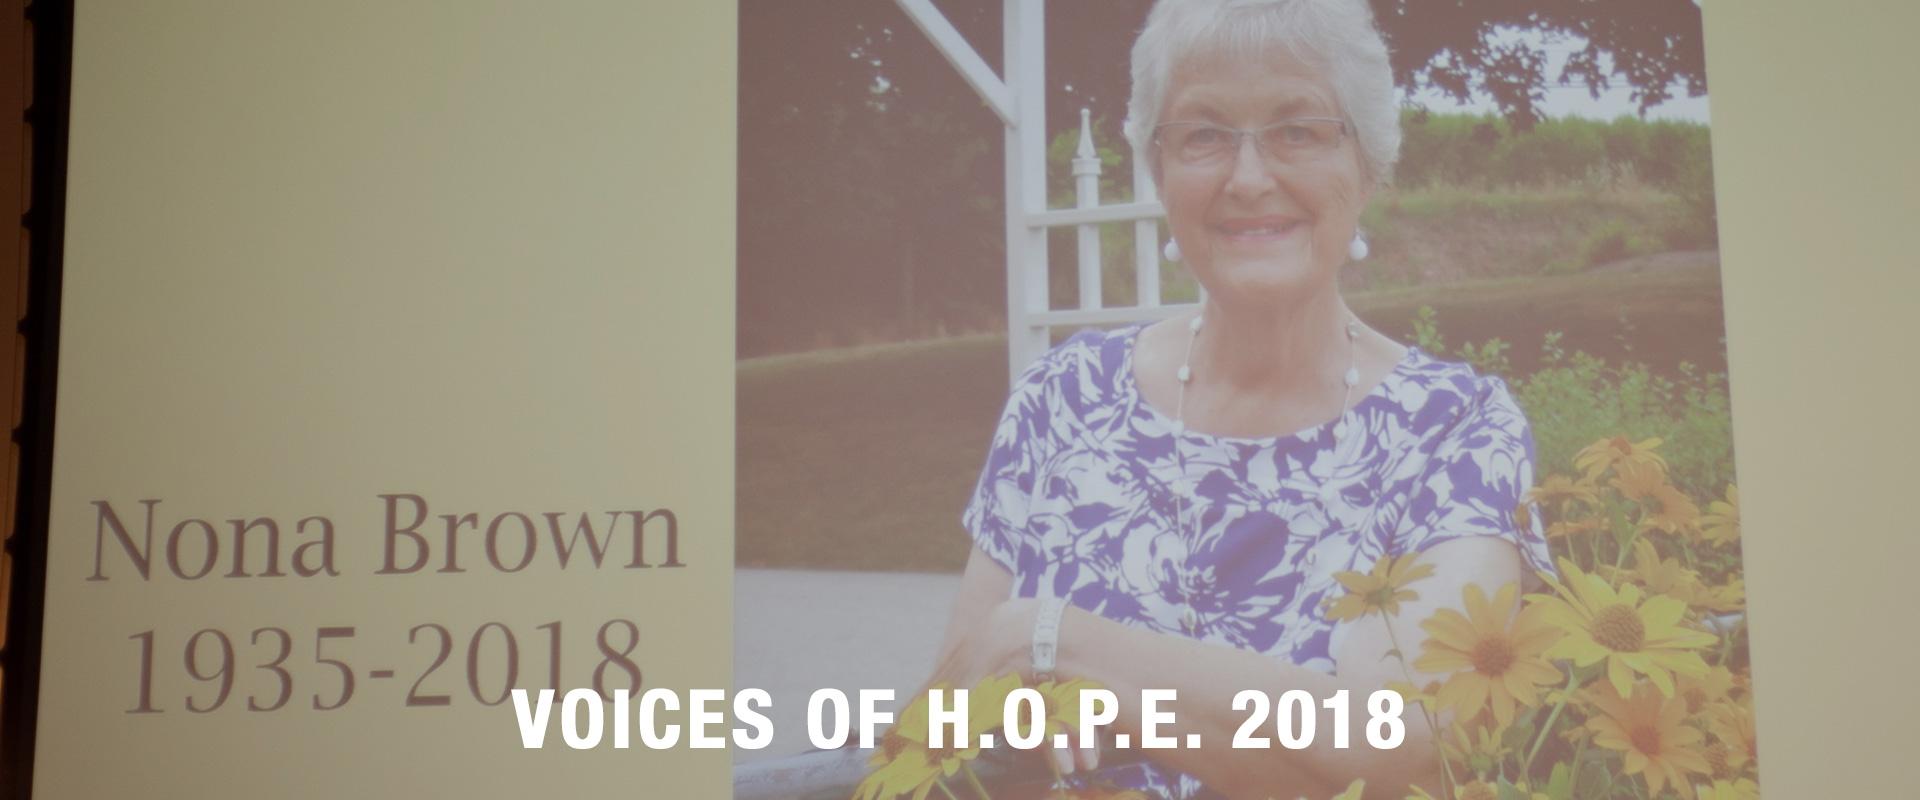 Voices of H.O.P.E. 2018 - 16